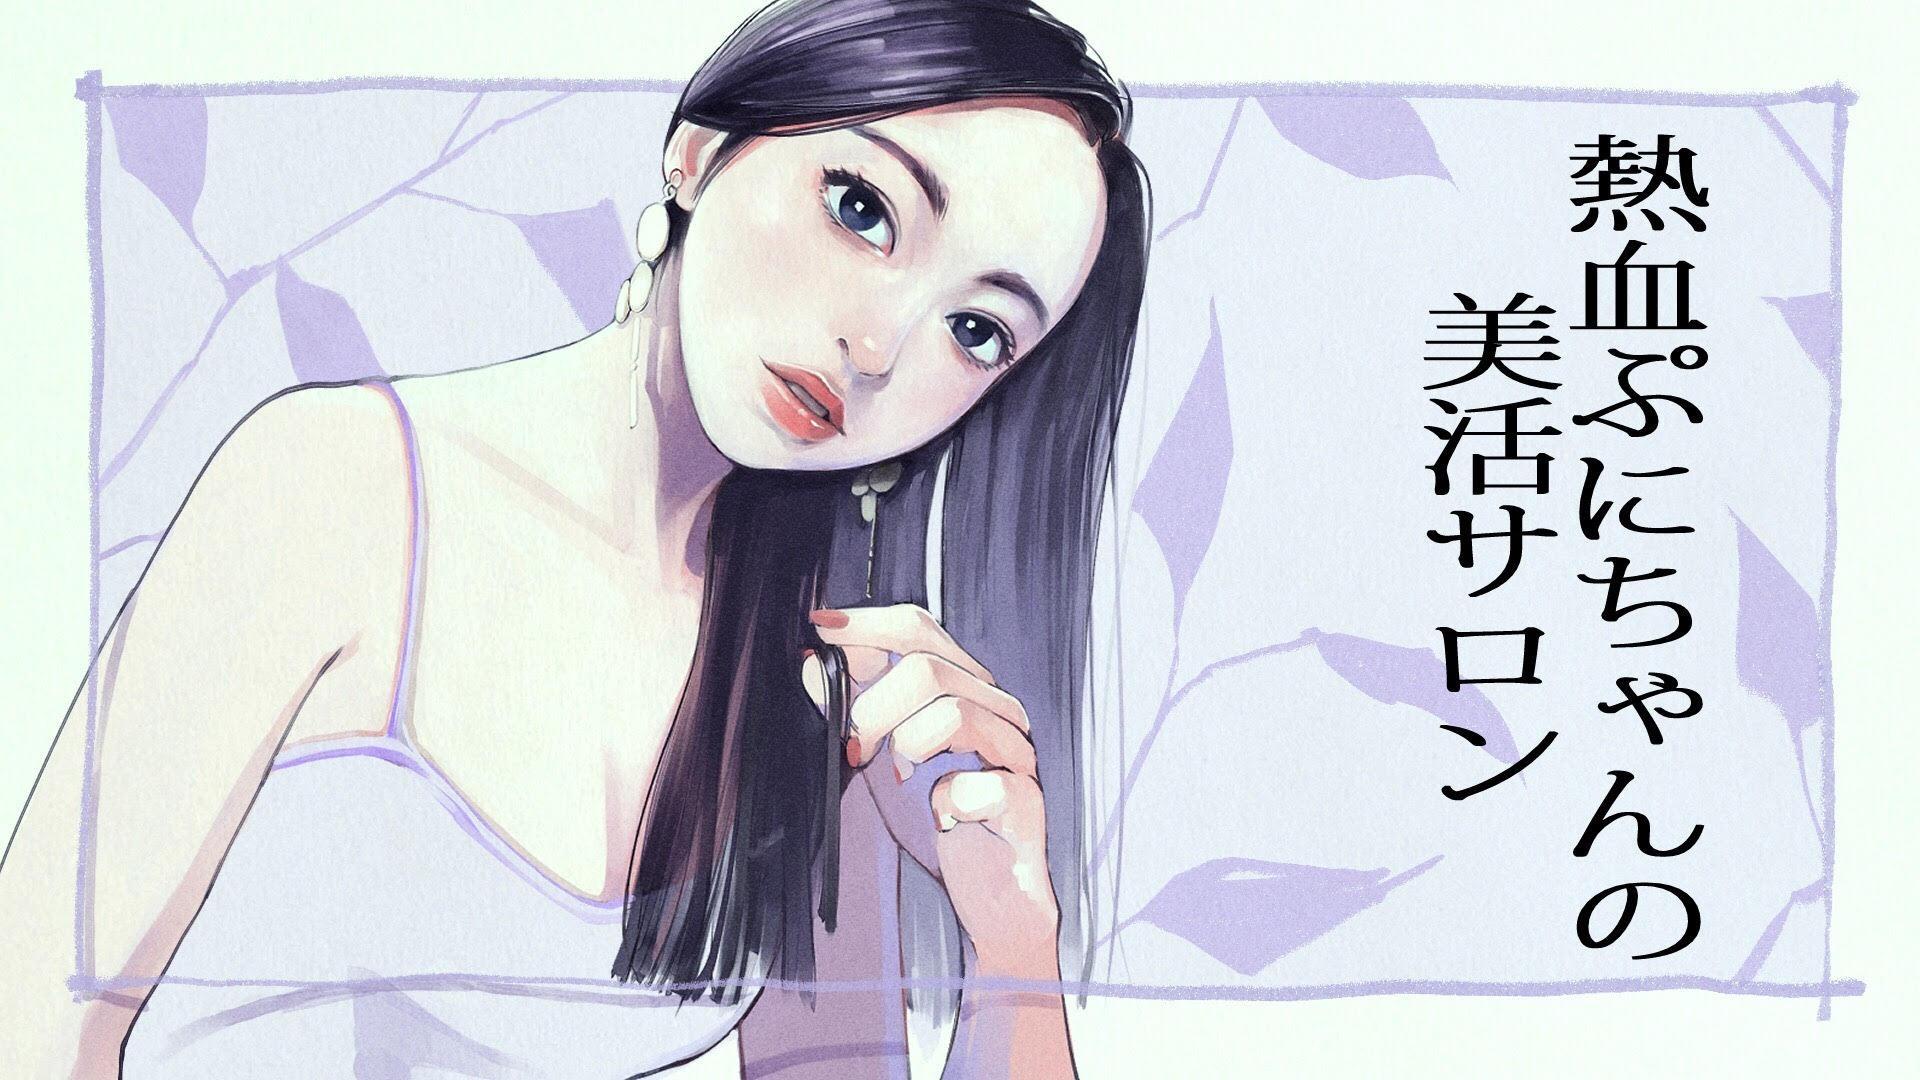 ぷにちゃん - 熱血!ぷにちゃんの美活サロン - DMM オンラインサロン